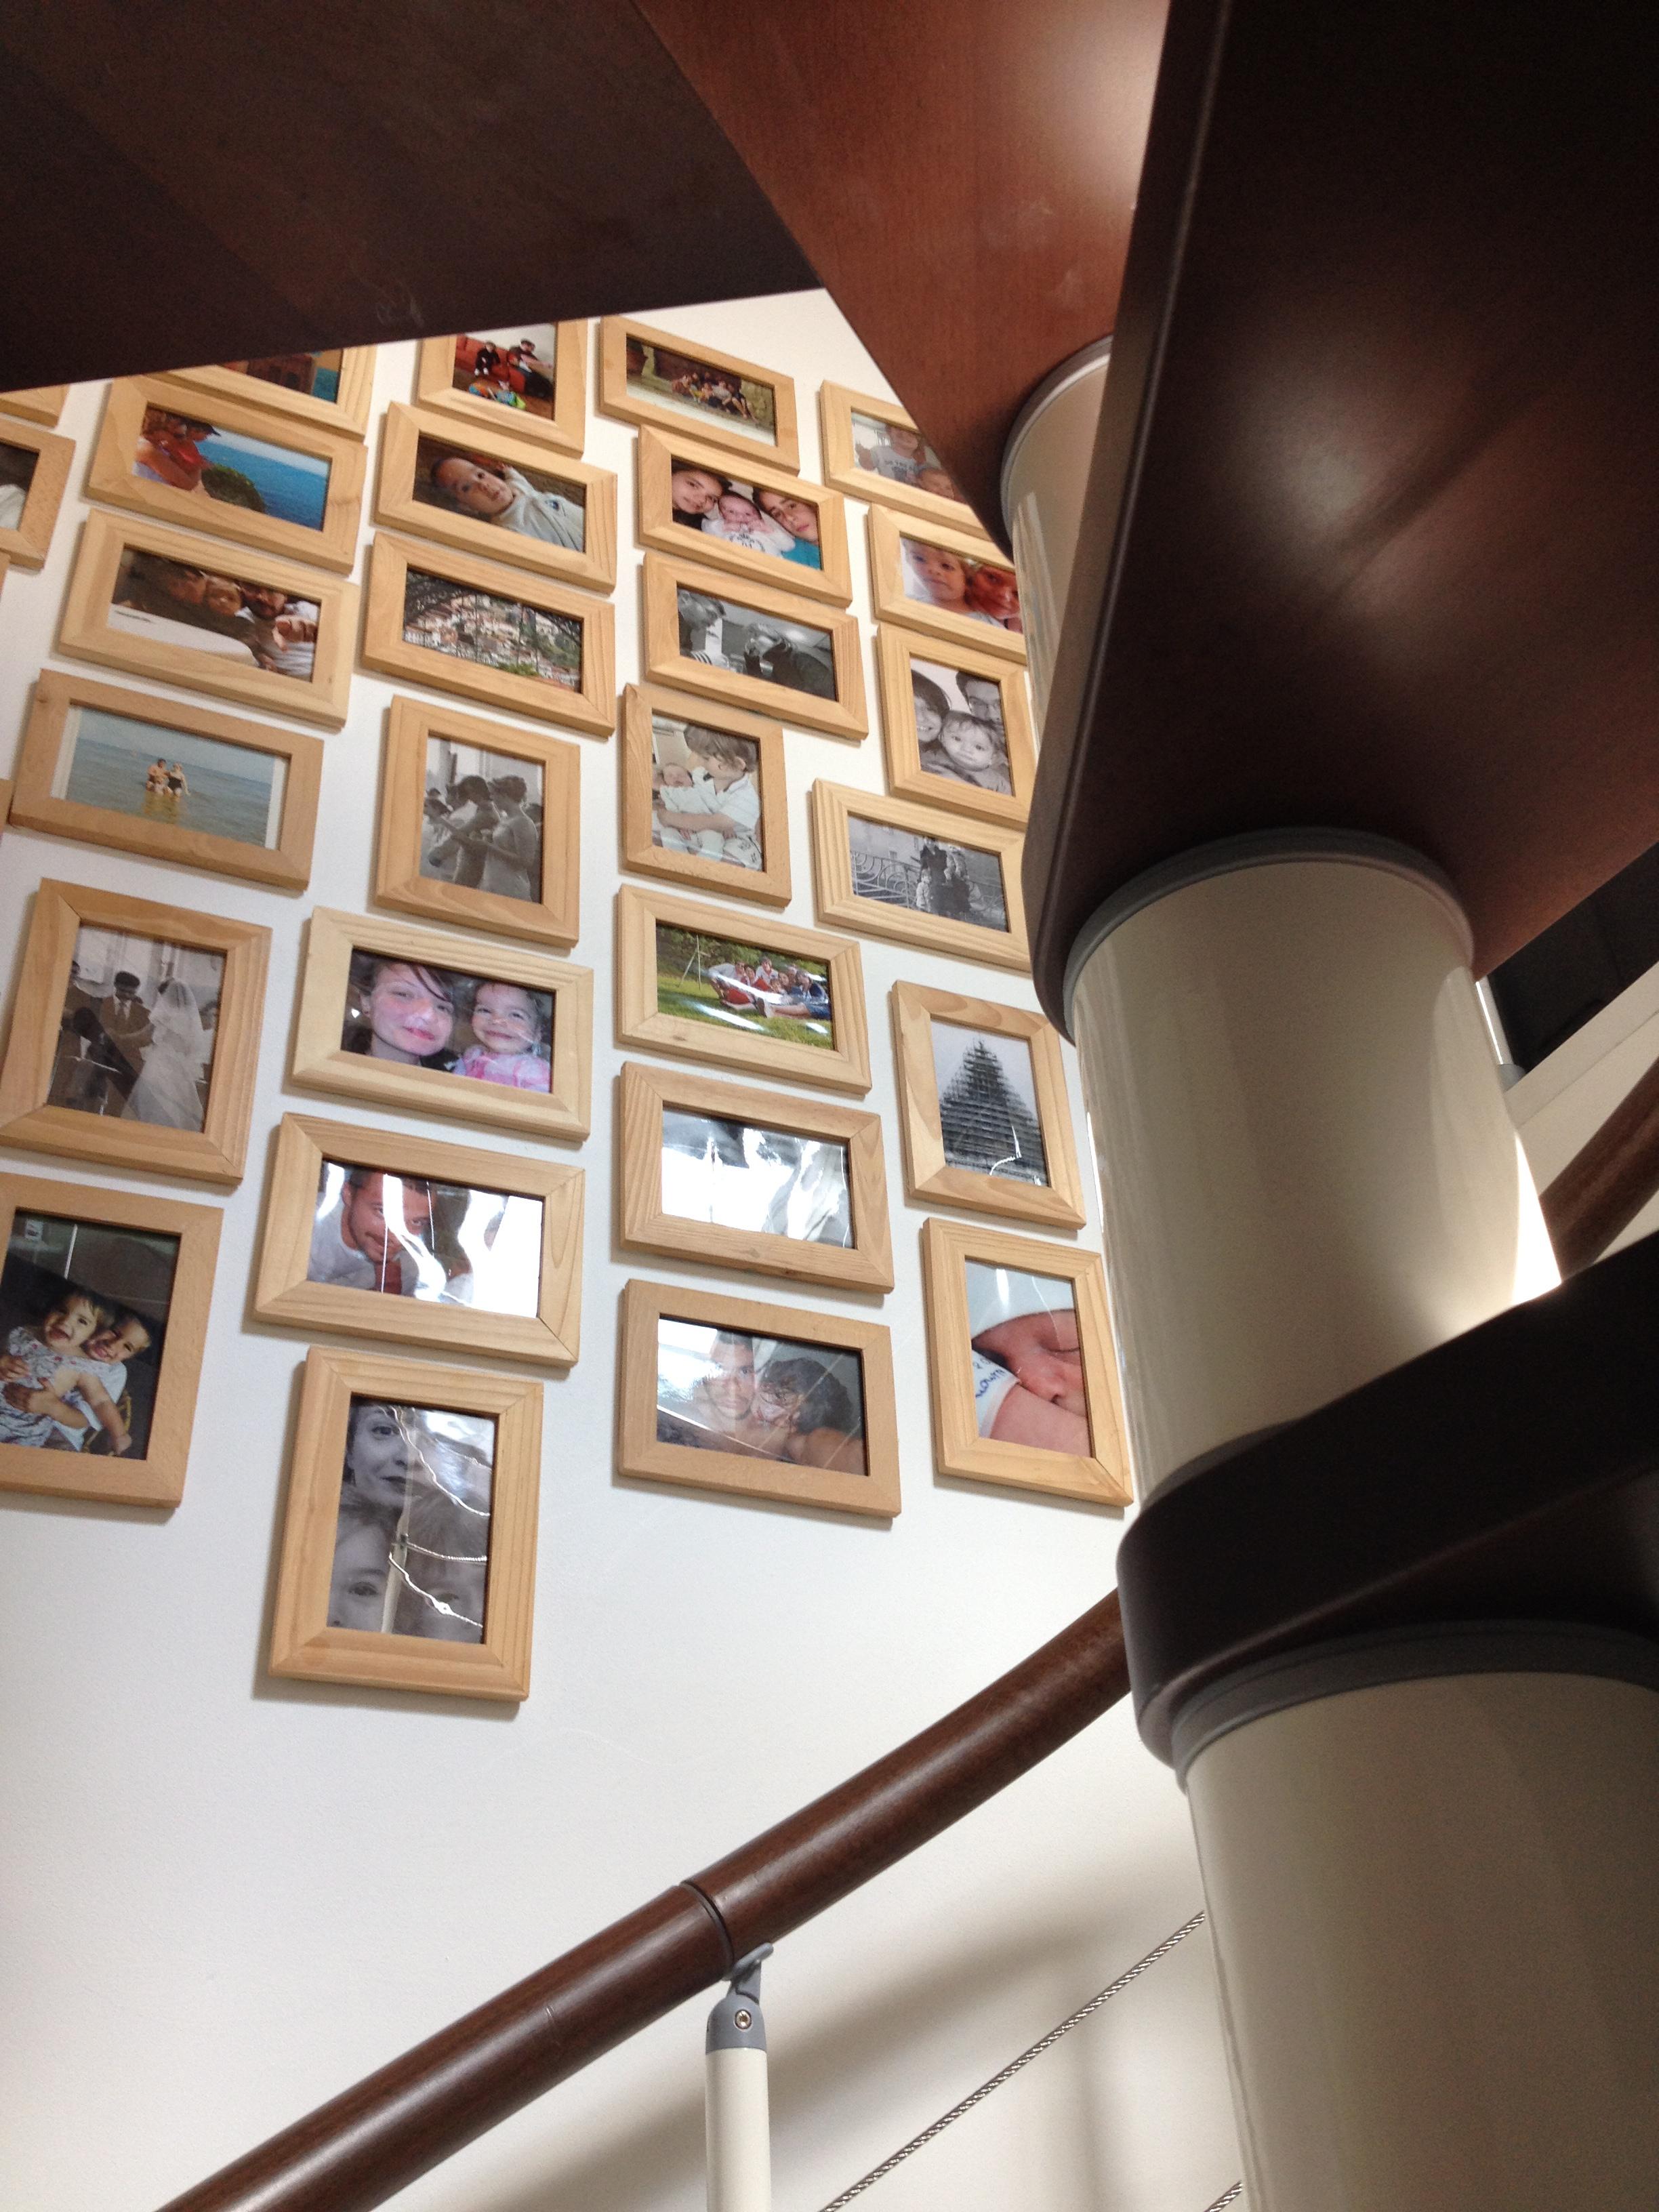 cadre photo escalier elegant dans le cadre duun cours de. Black Bedroom Furniture Sets. Home Design Ideas